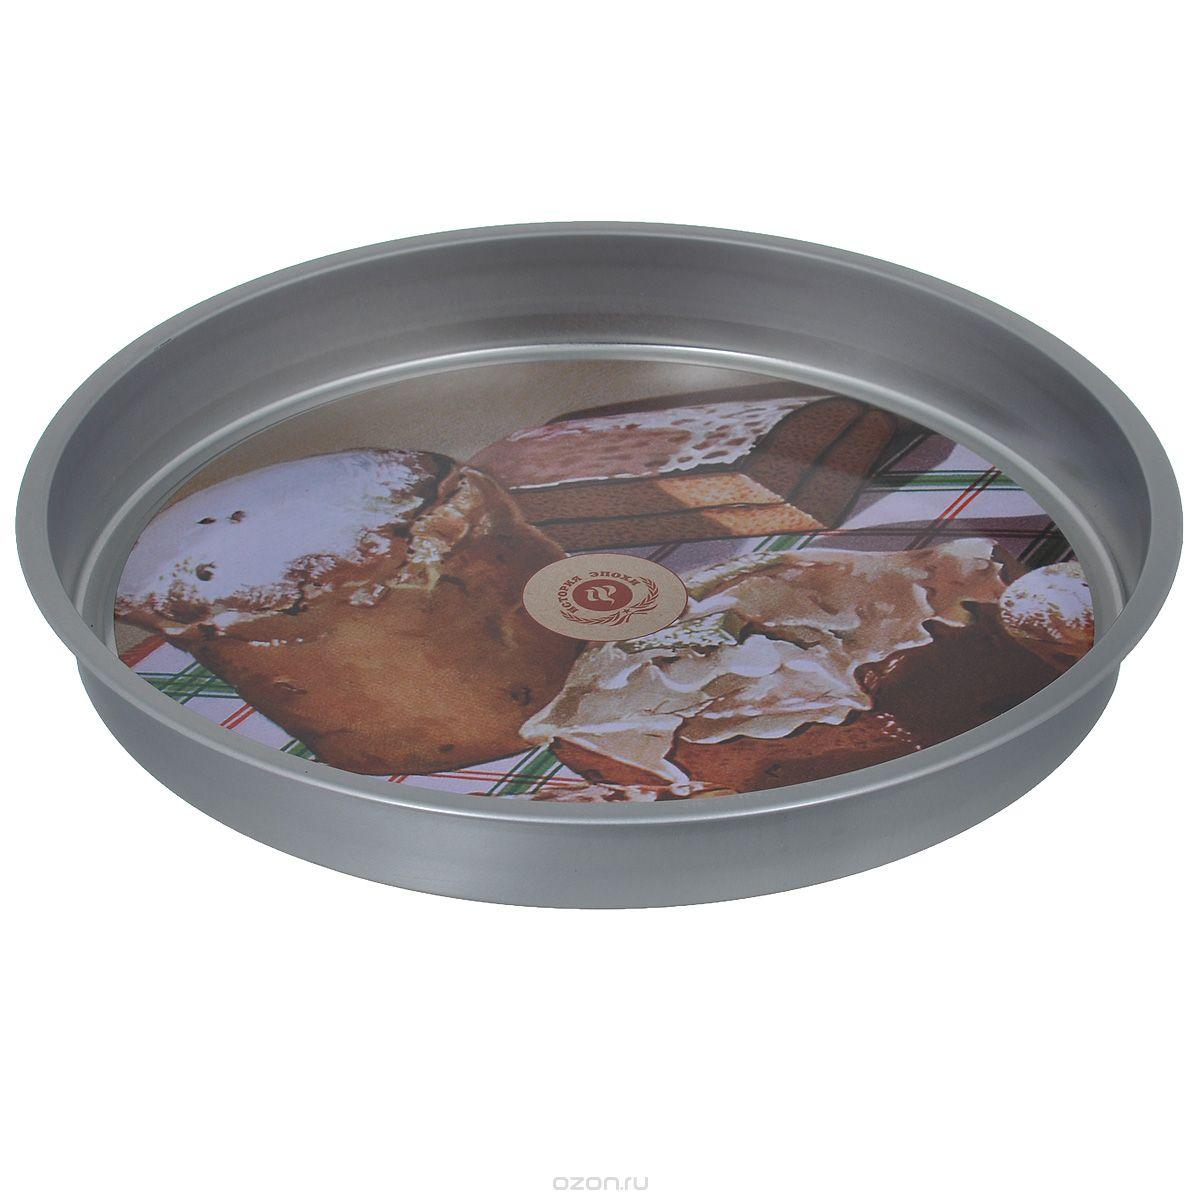 Поднос Феникс-Презент Кексы, диаметр 33 см поднос альтернатива витамины 49 33 2 5 см